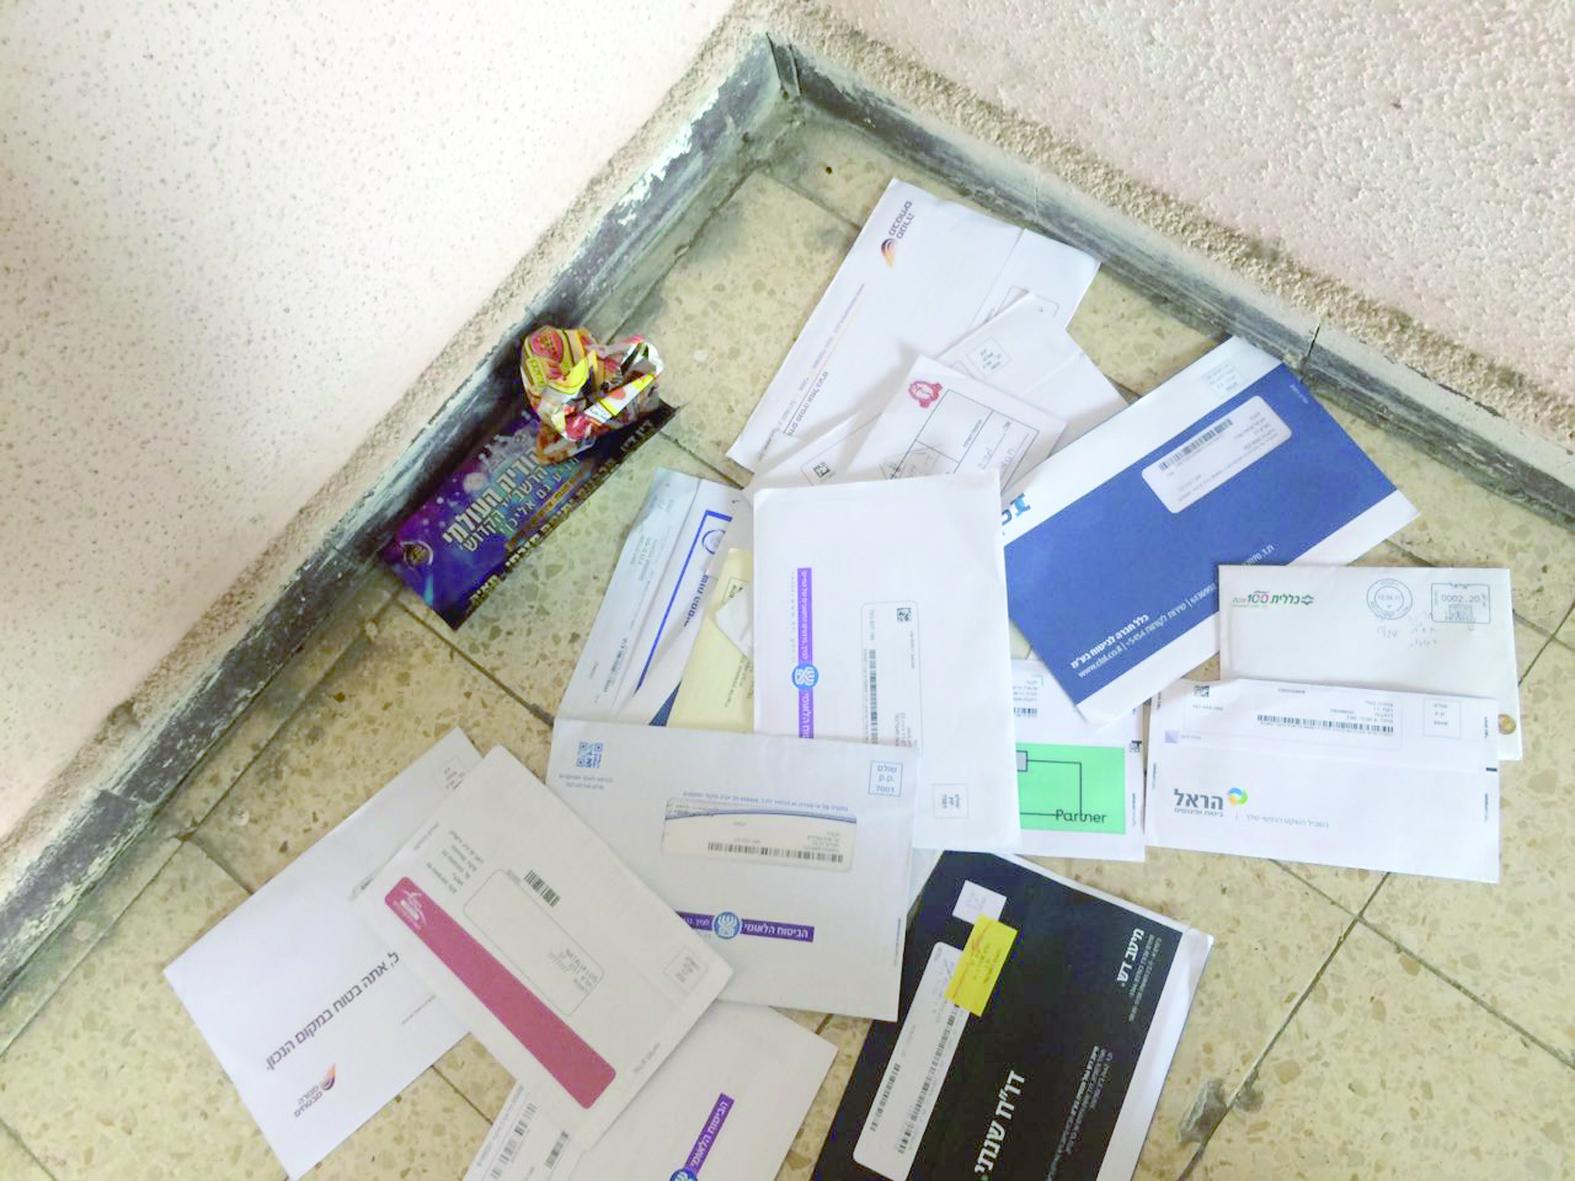 חלק מהמכתבים הזרוקים בשכונת דניה